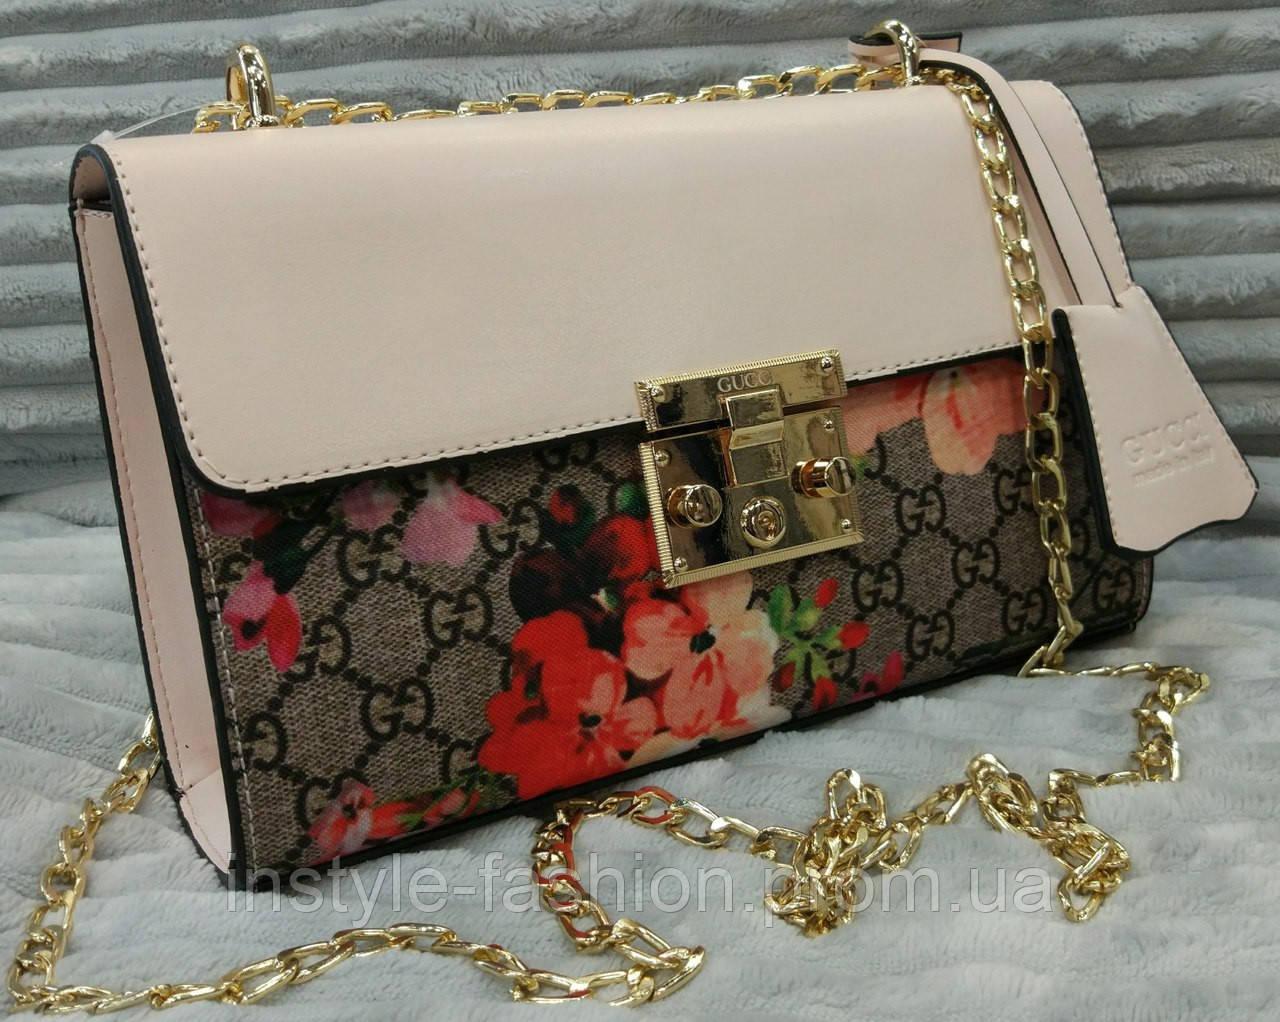 Модная и стильная сумка-клатч Gucci Гуччи цвет бежевый